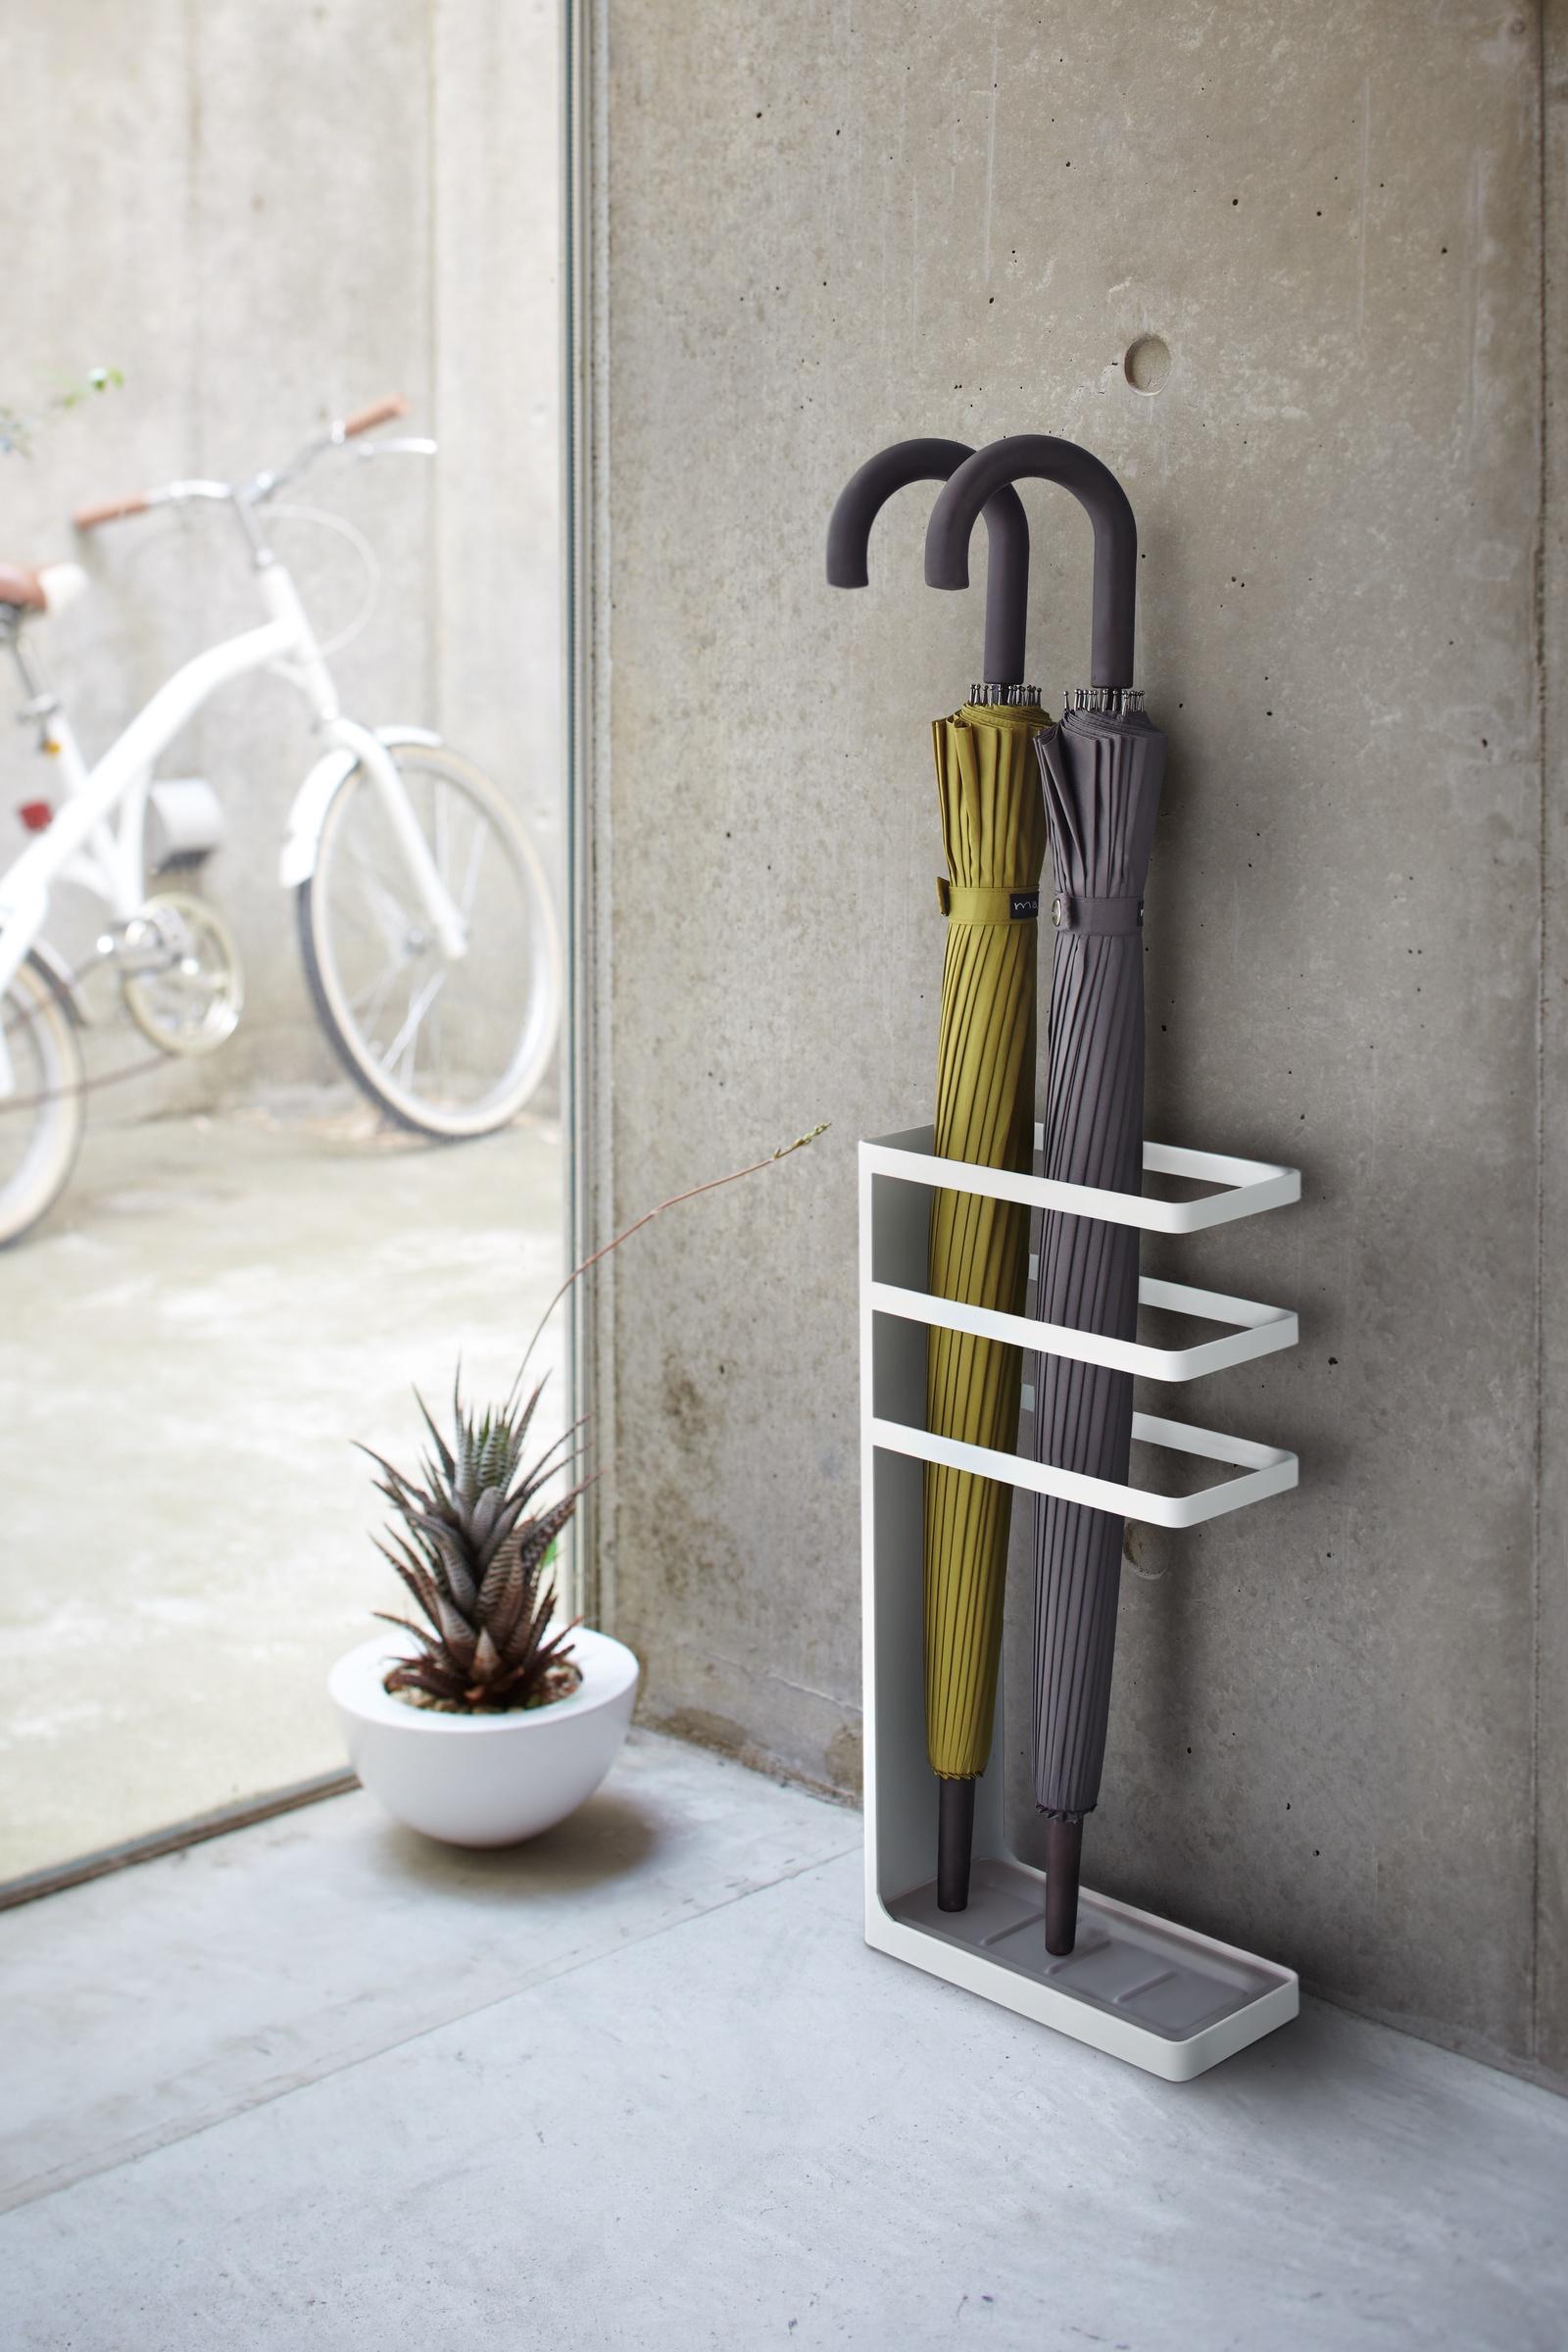 Купить Подставка для зонтов Yamazaki LAYER SLYM UMBRELLA STAND, белый на XWAP.SU